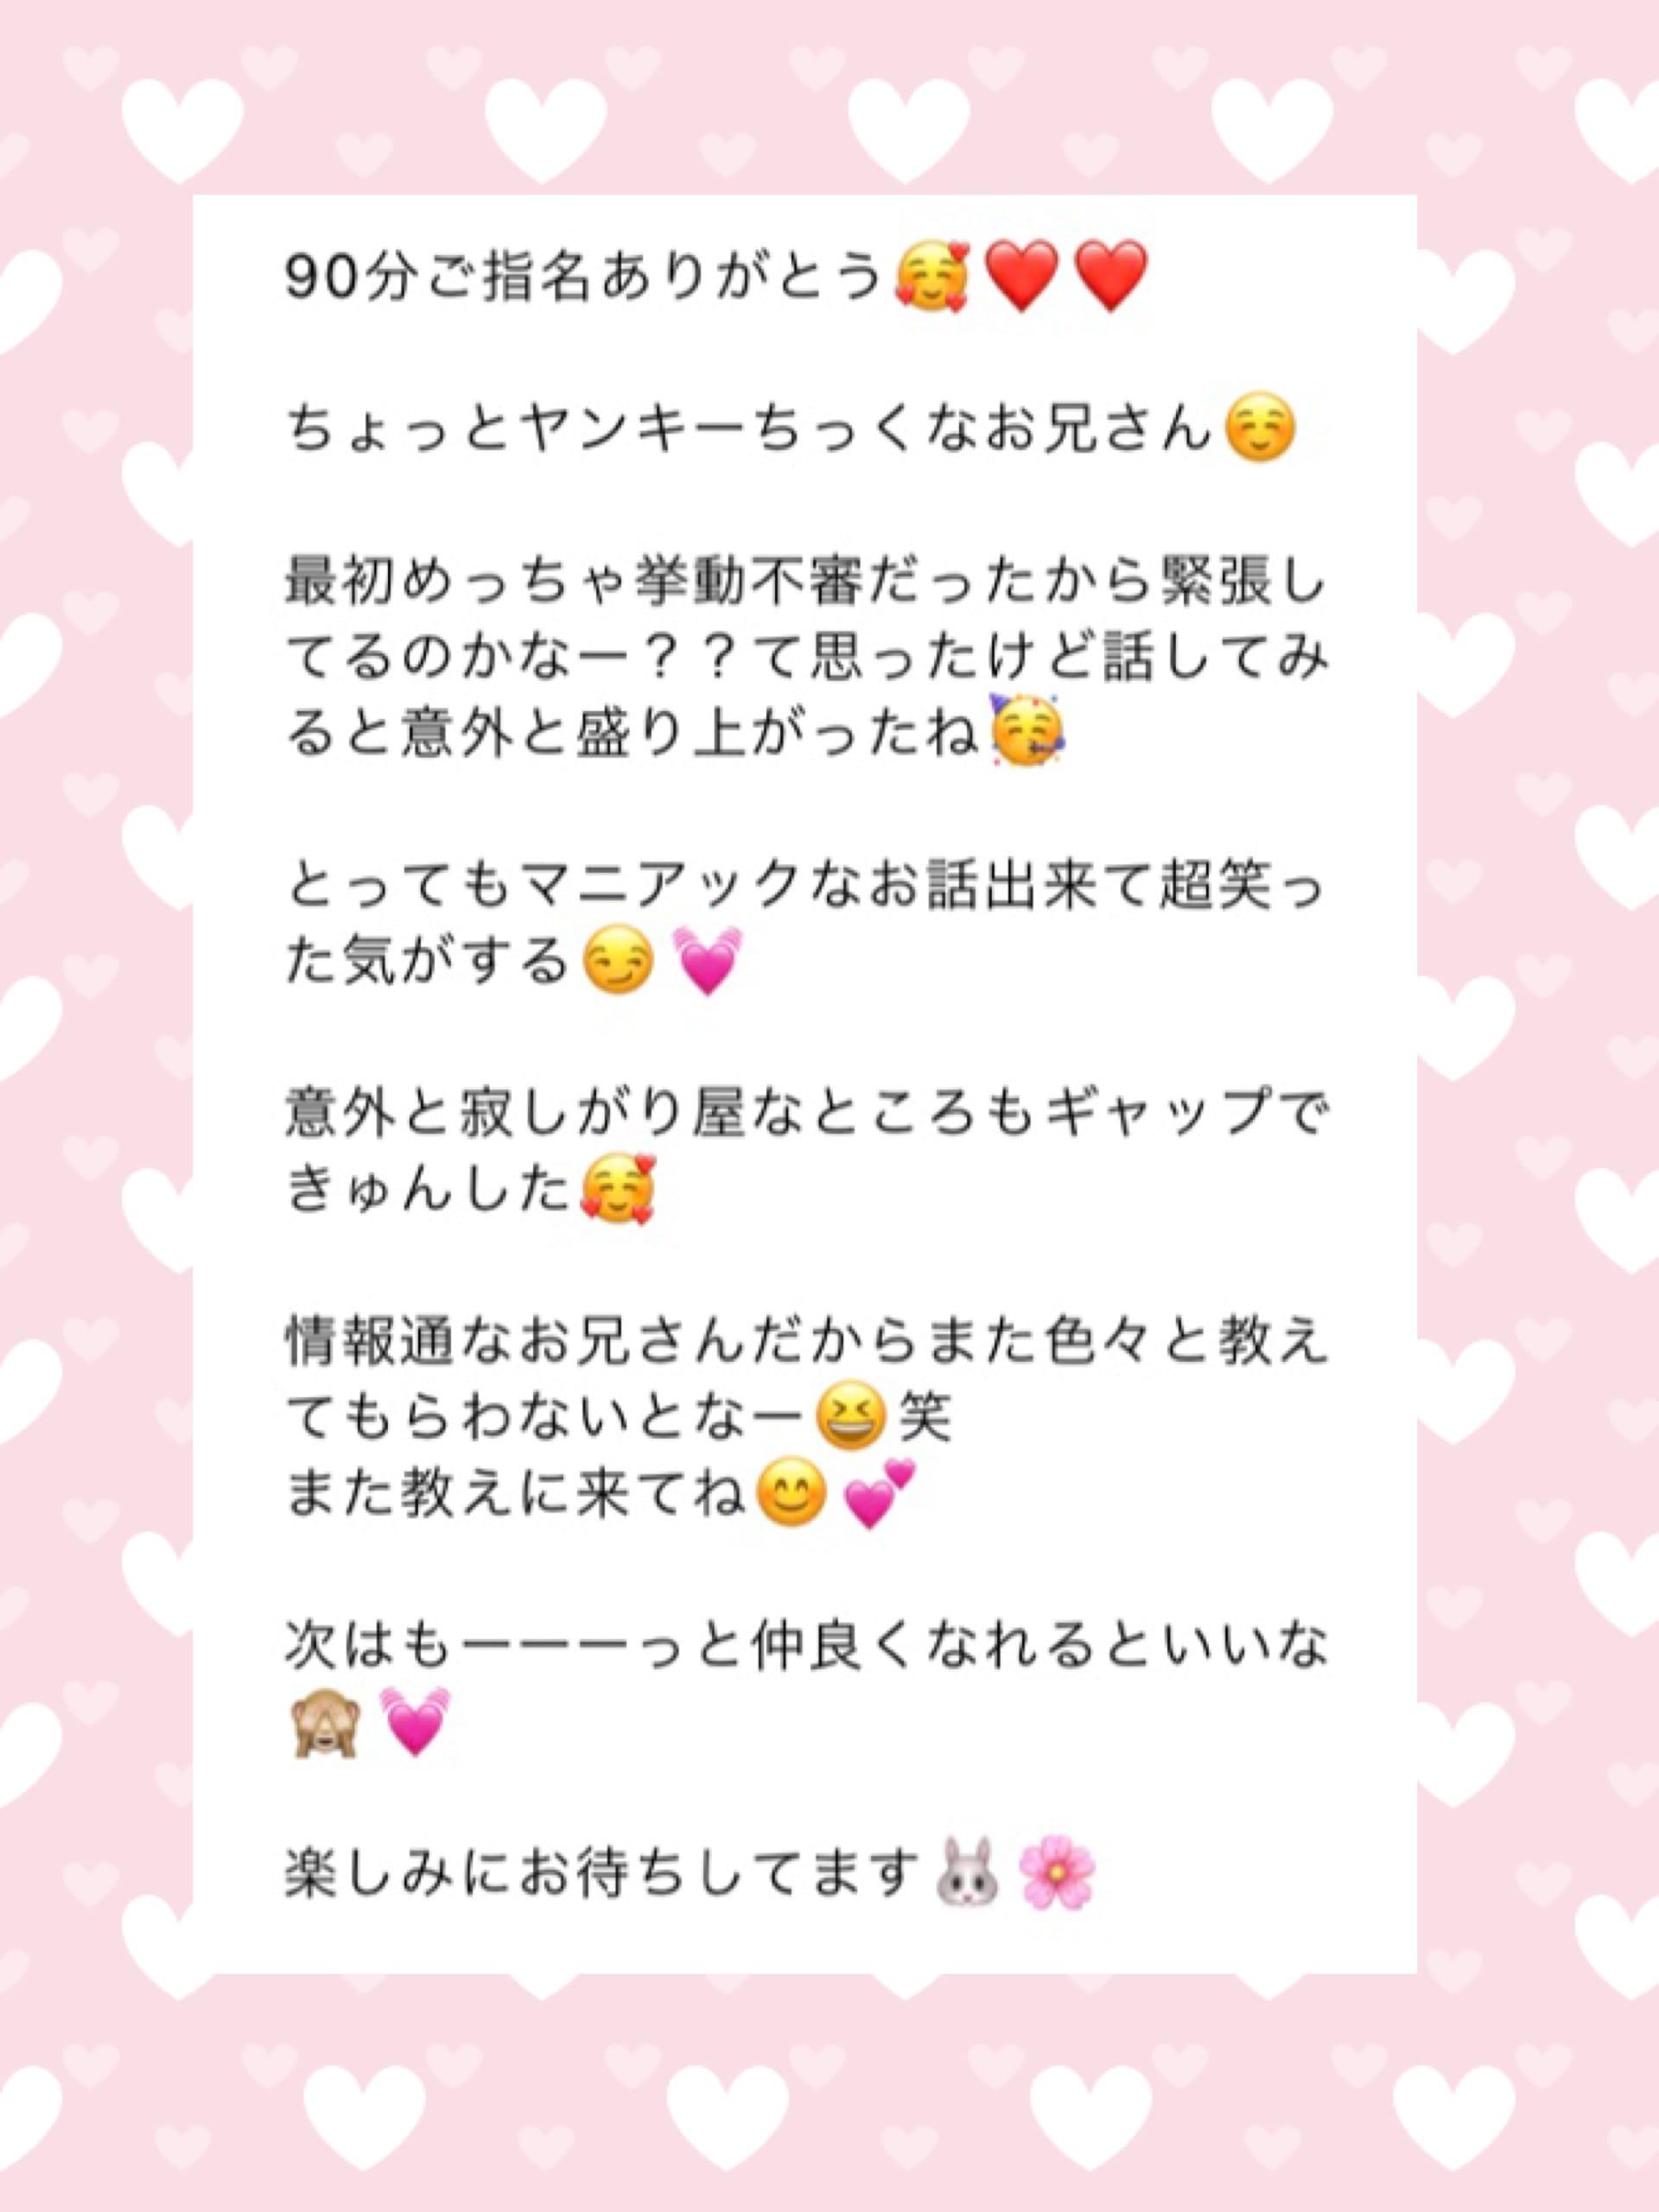 ♡あおい♡「お礼♡M様」07/25(日) 23:12 | ♡あおい♡の写メ